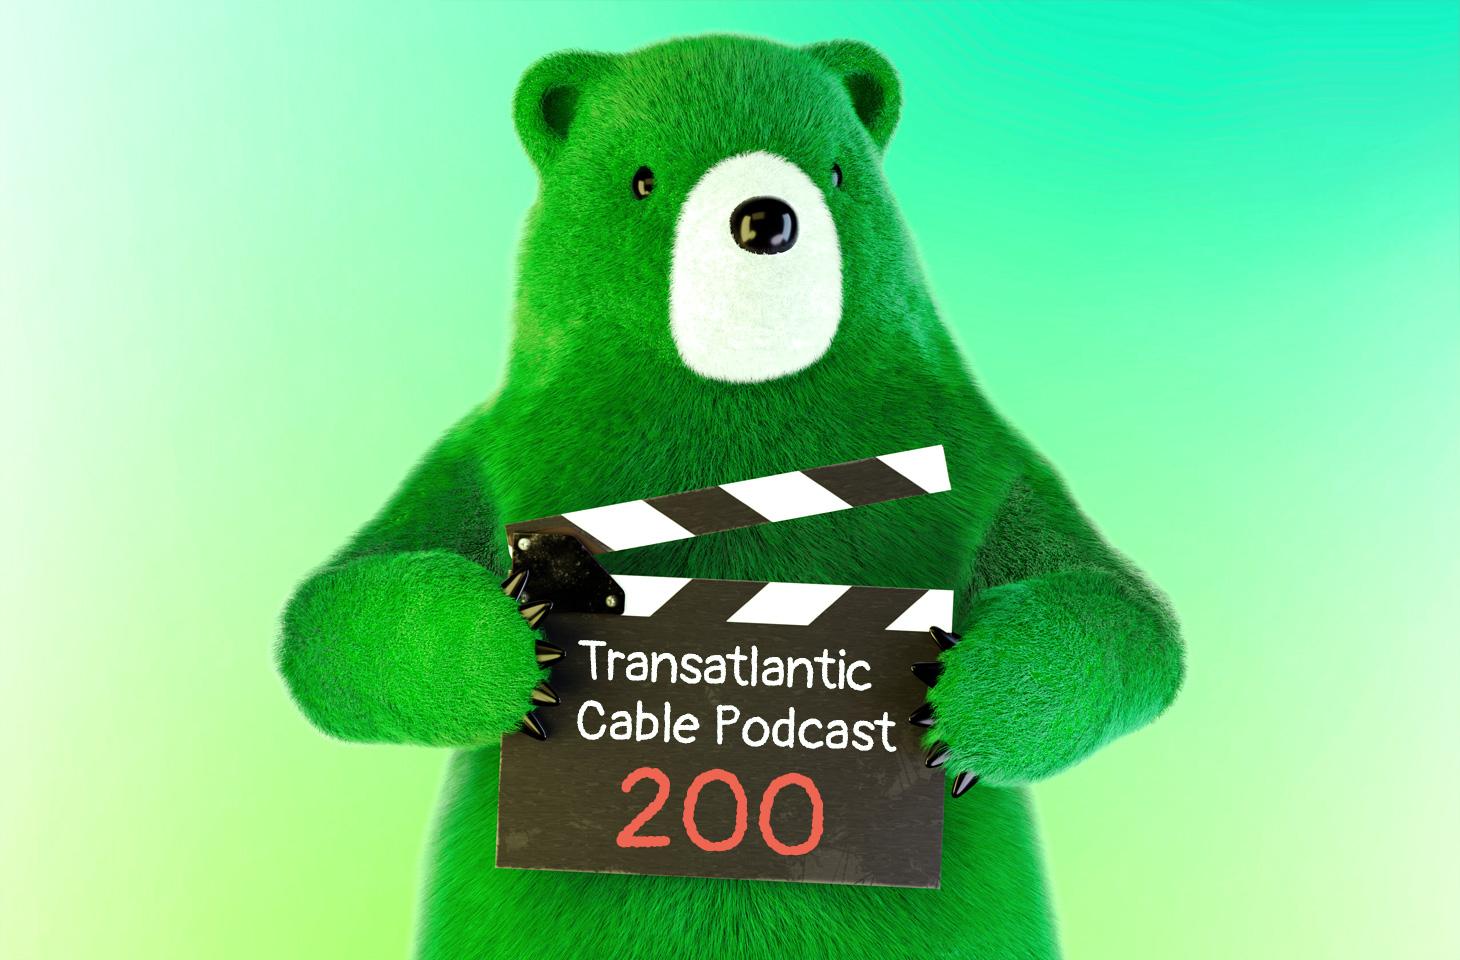 Transatlantic Cable podcast, episode 200 | Kaspersky official blog